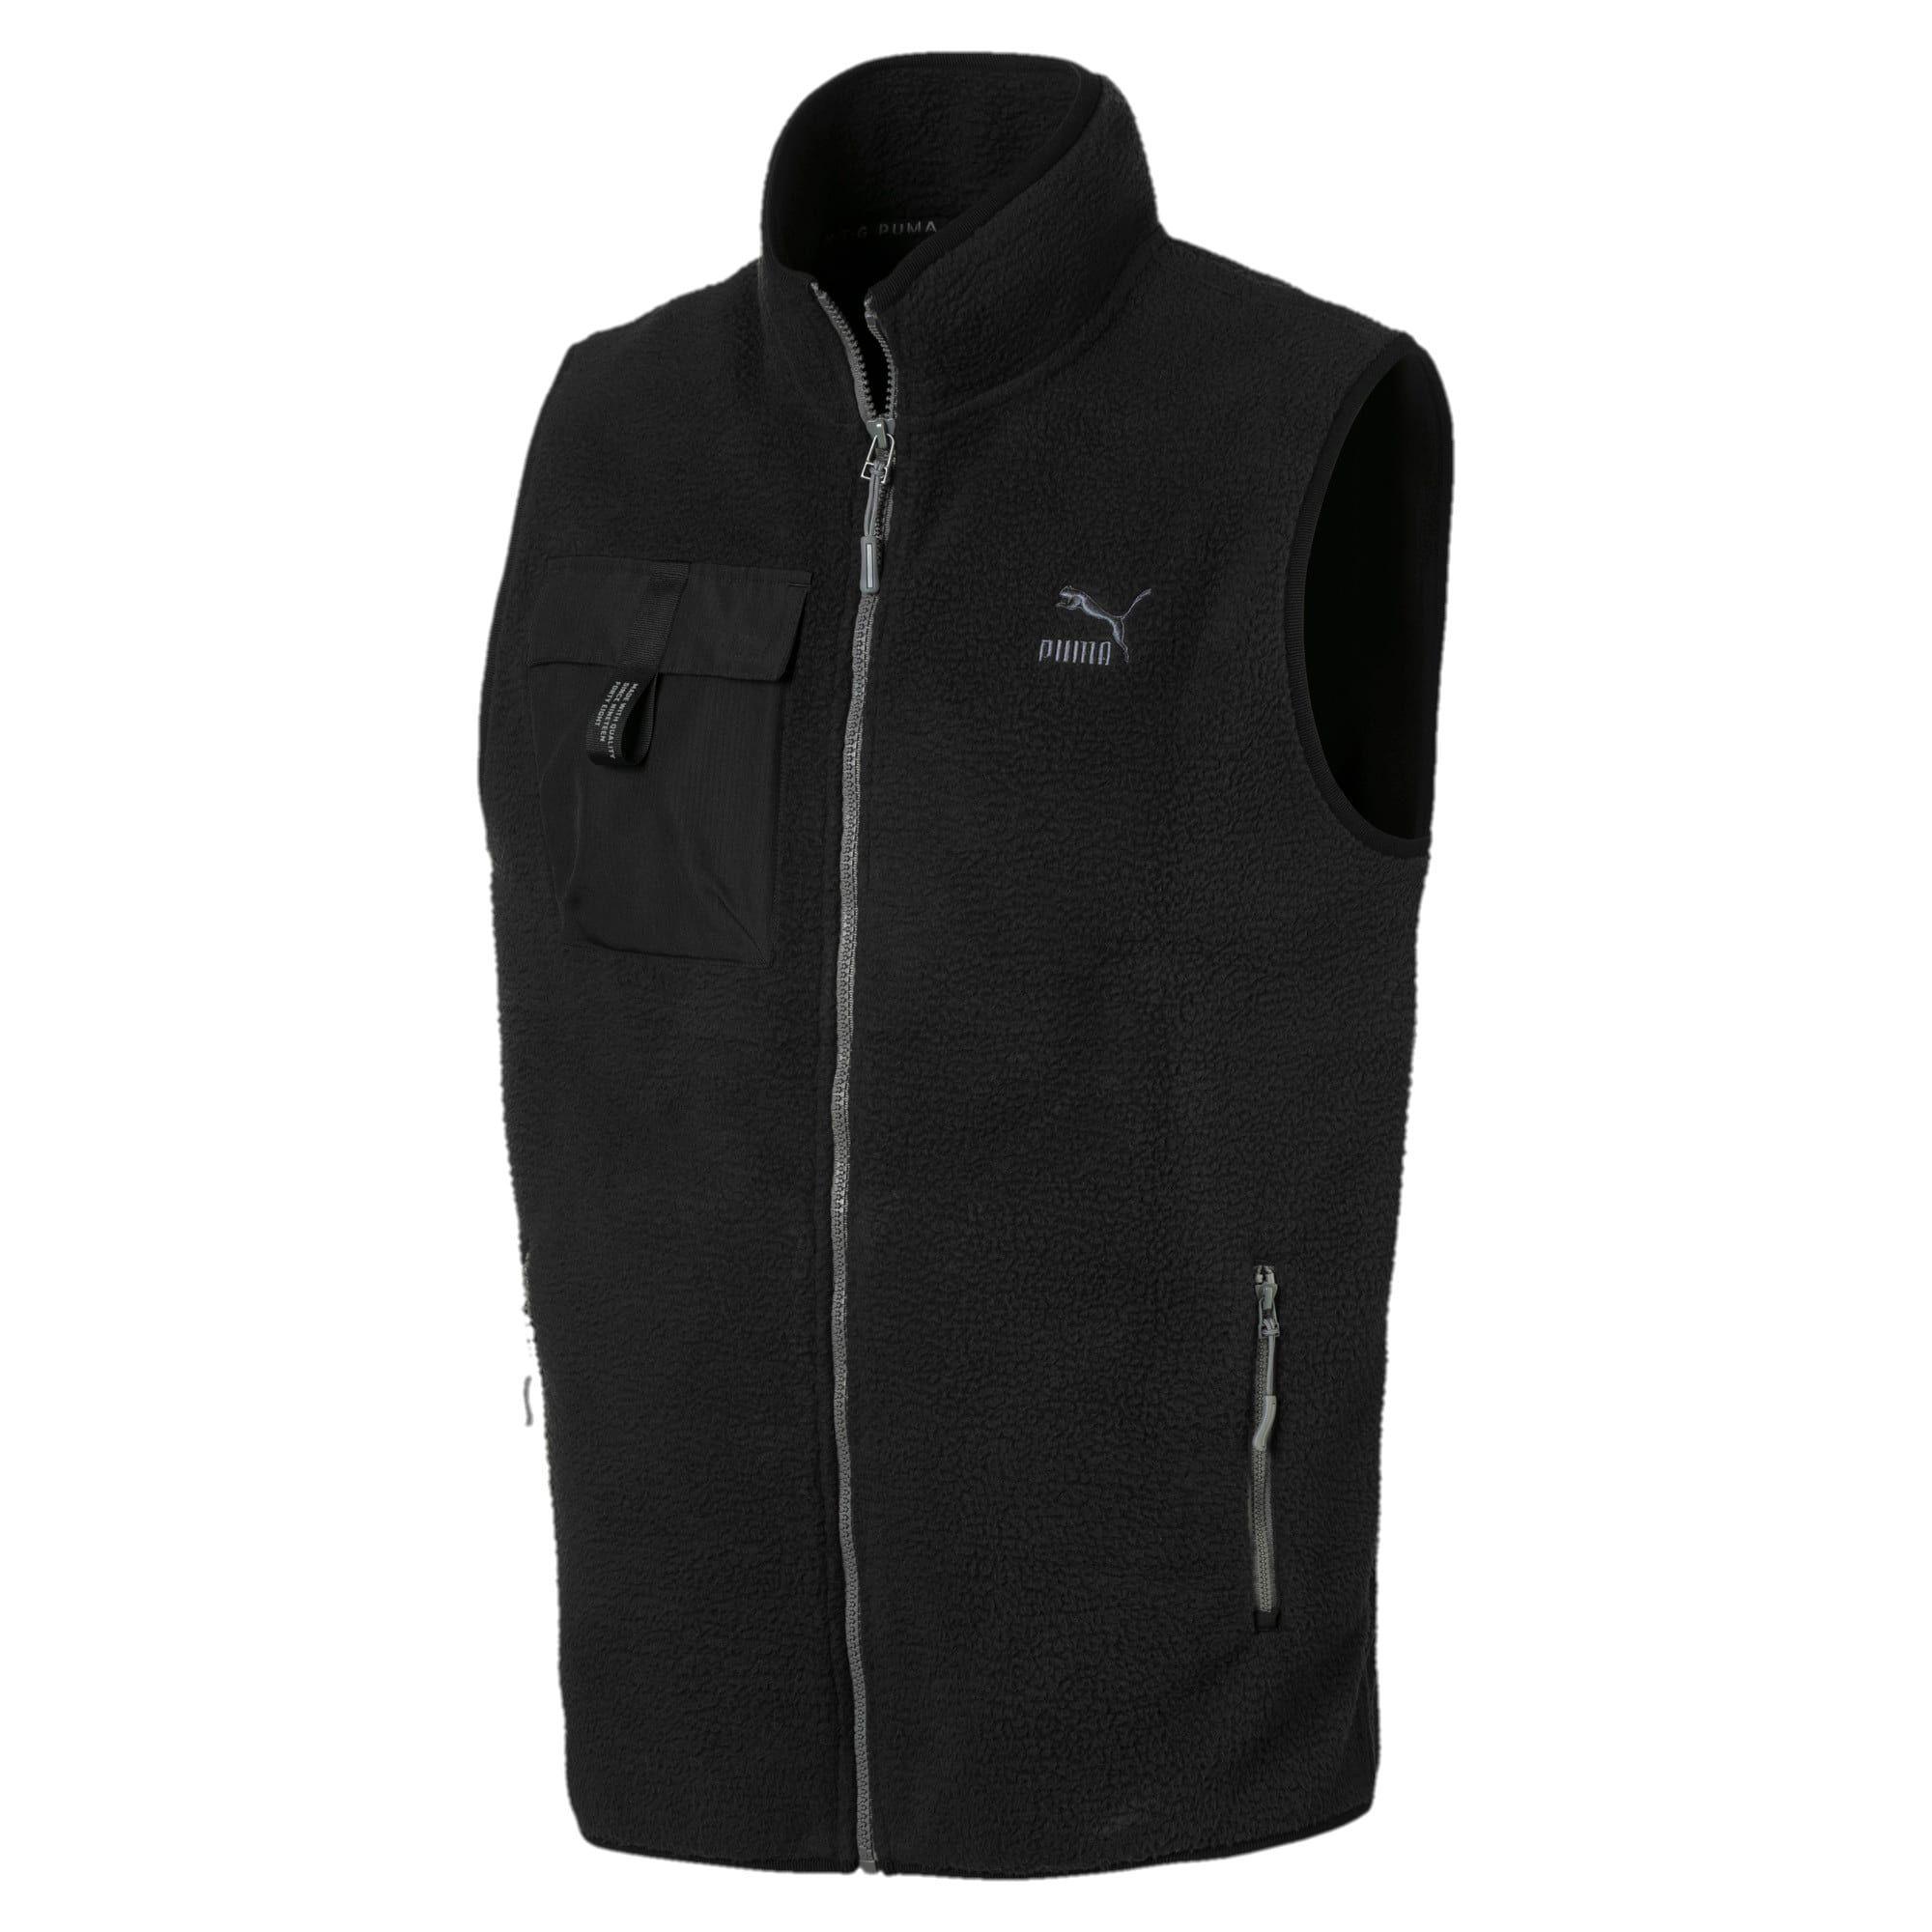 PUMA Veste en polaire XTG Trail pour Homme, Noir, Taille XL